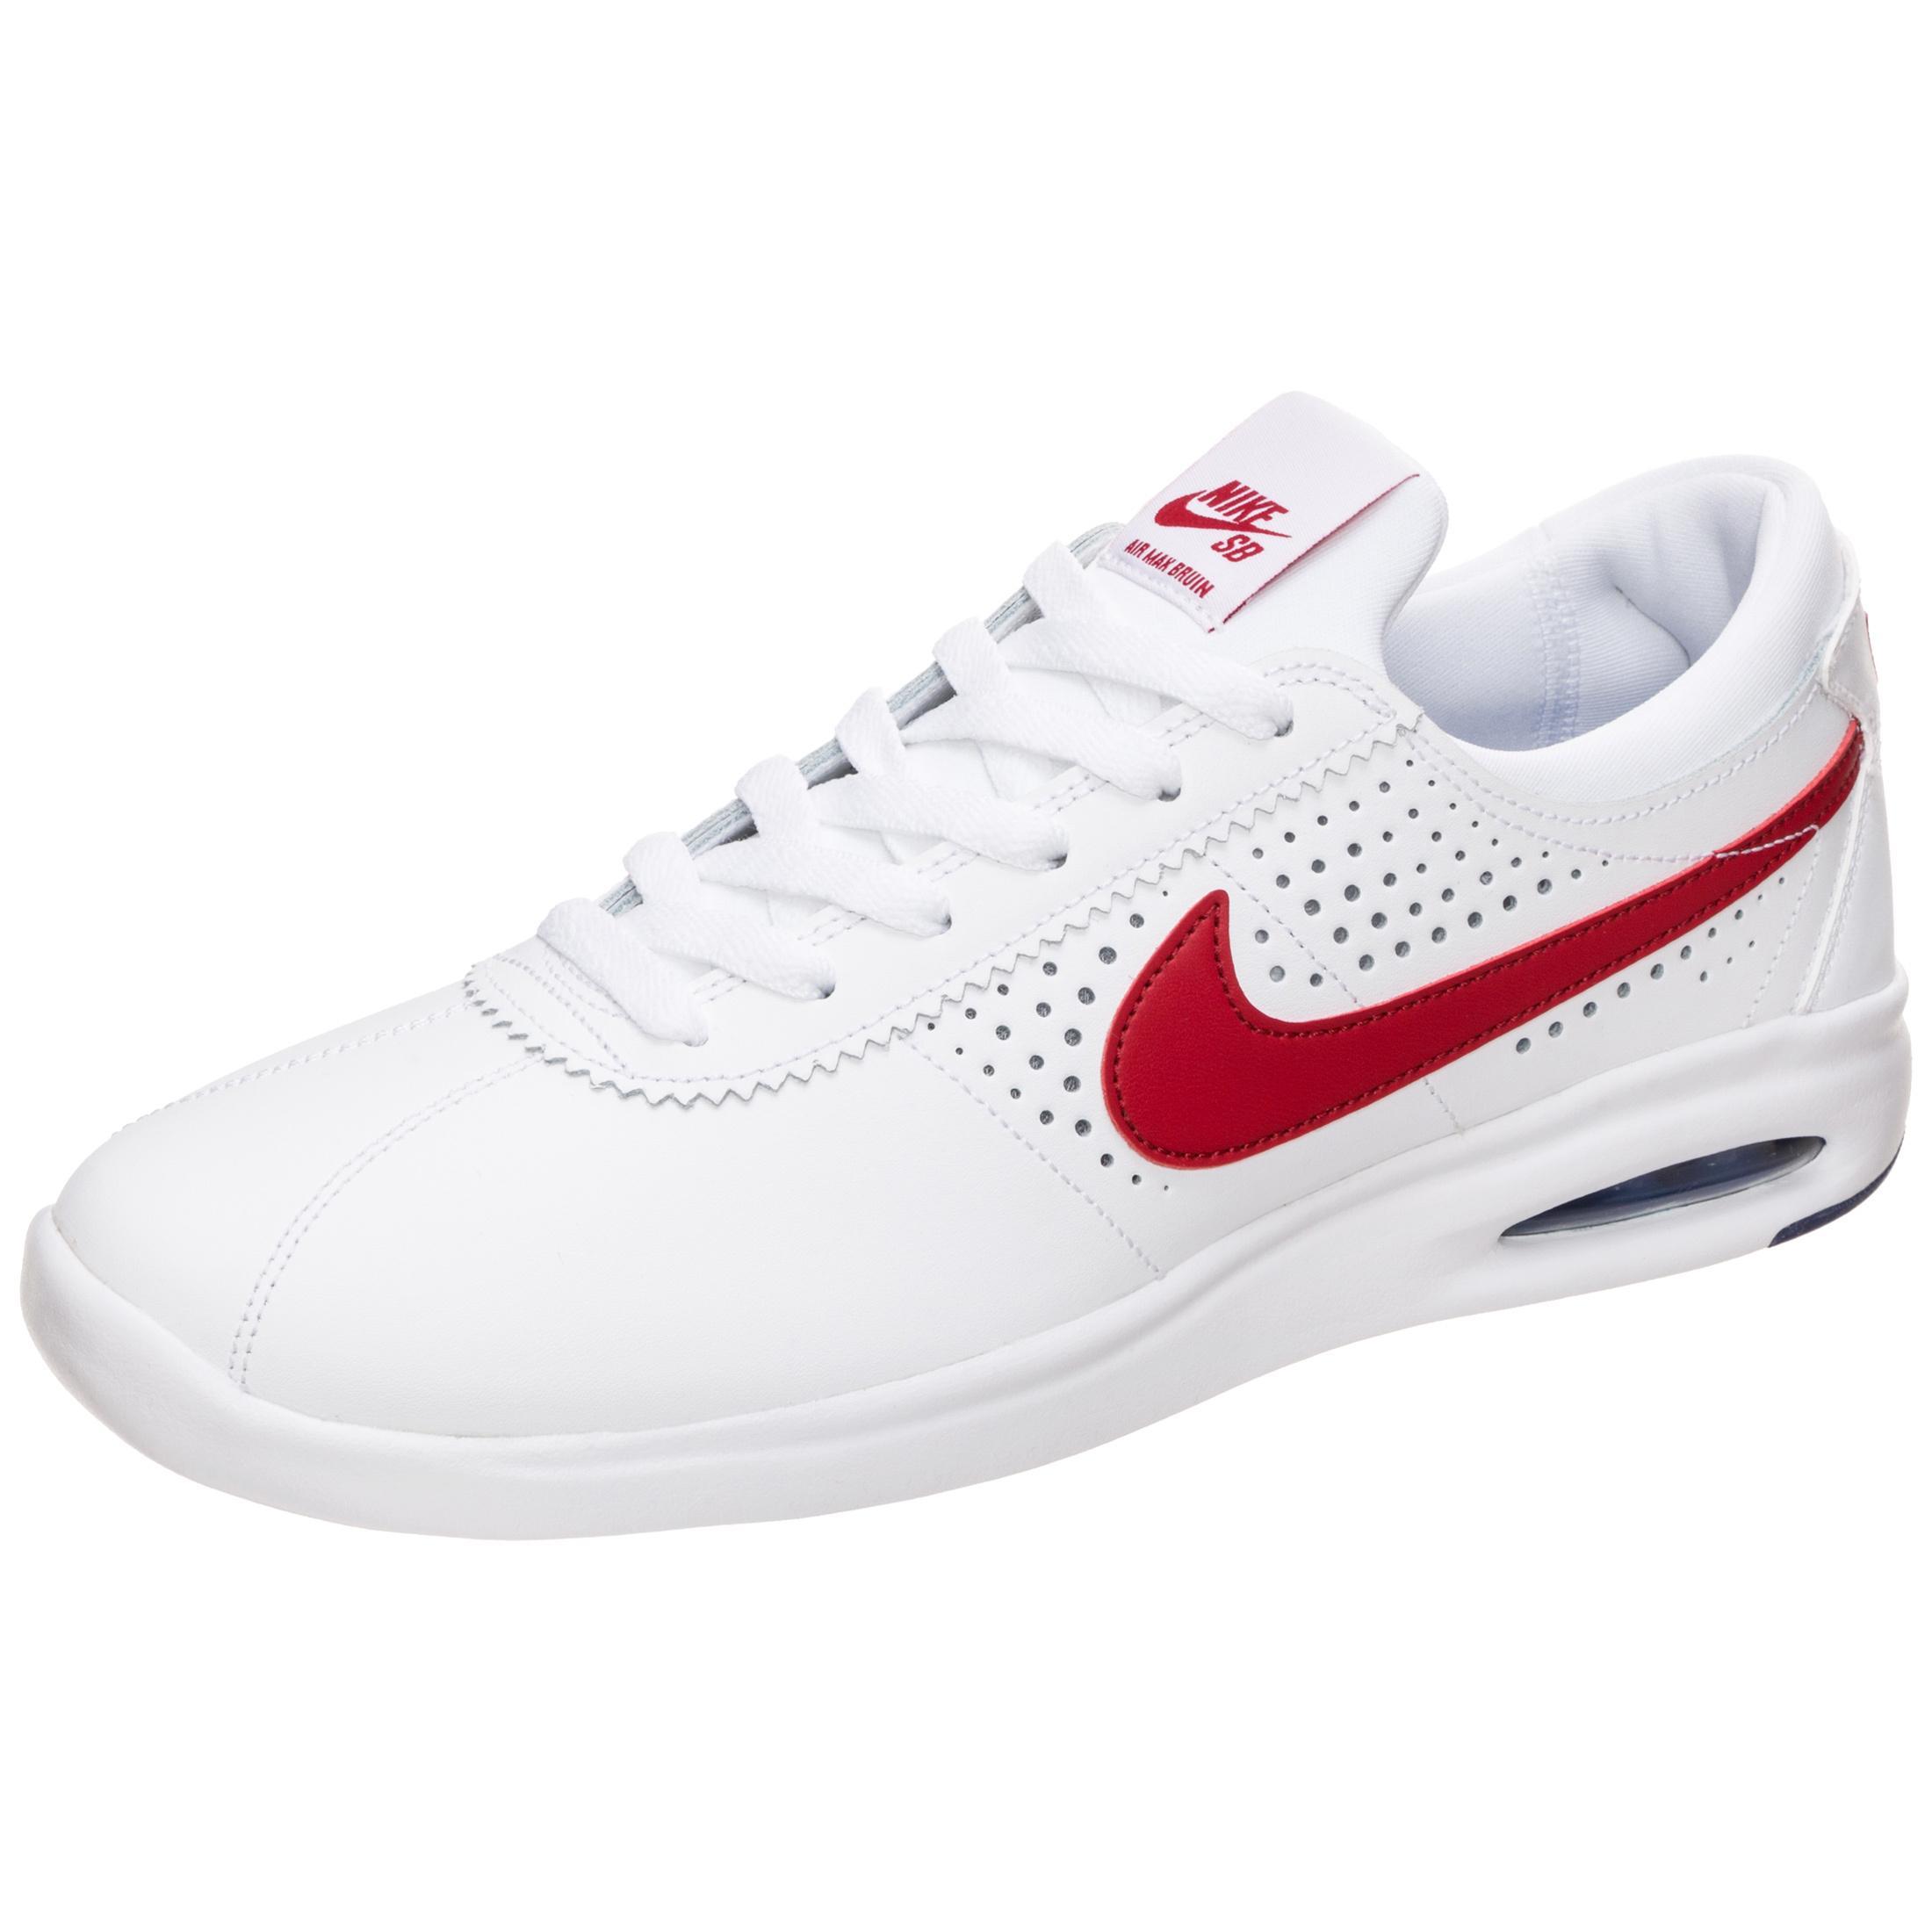 Nike Air Max Bruin Vapor Sneaker Herren weiß rot blau im Online Shop von SportScheck kaufen